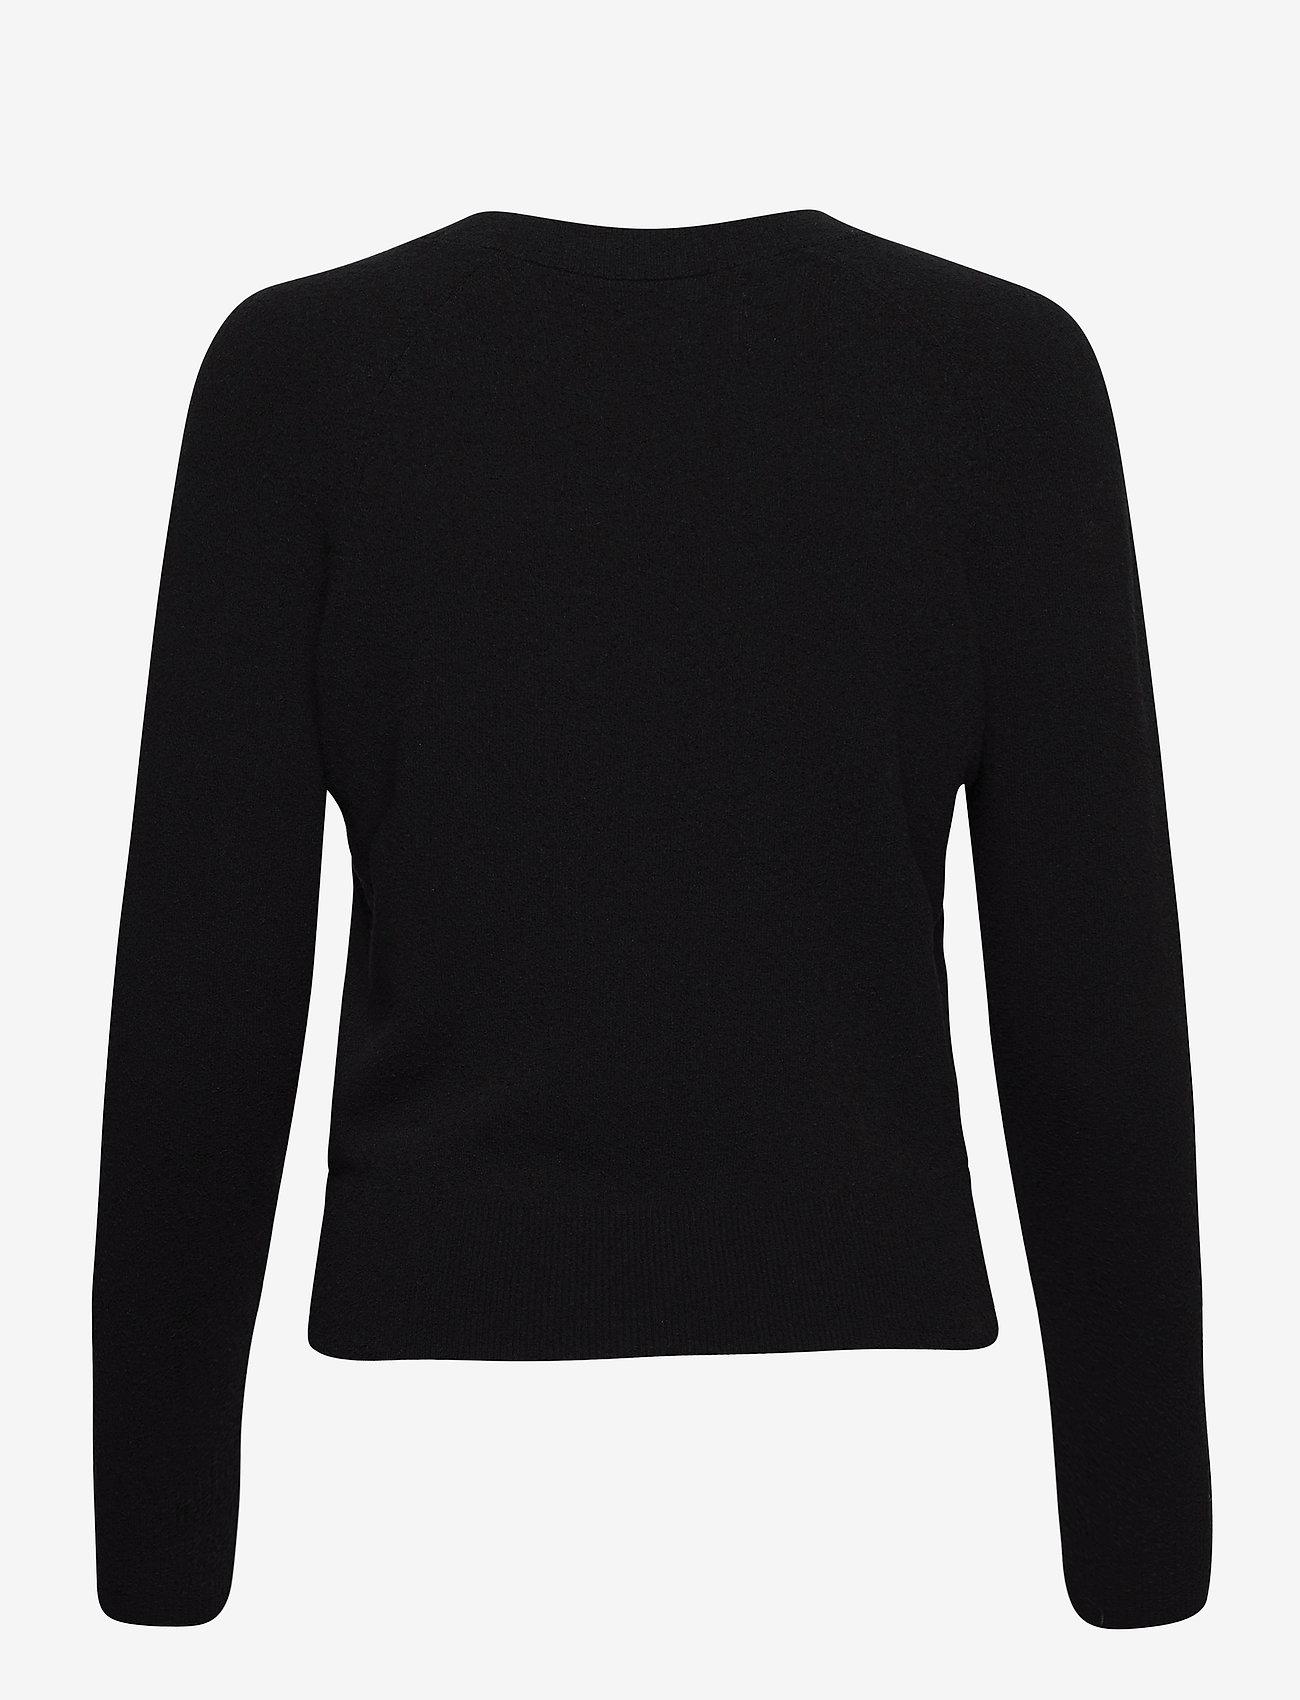 Calvin Klein Jeans - NECK LOGO FLUFFY SWEATER - gensere - ck black - 1